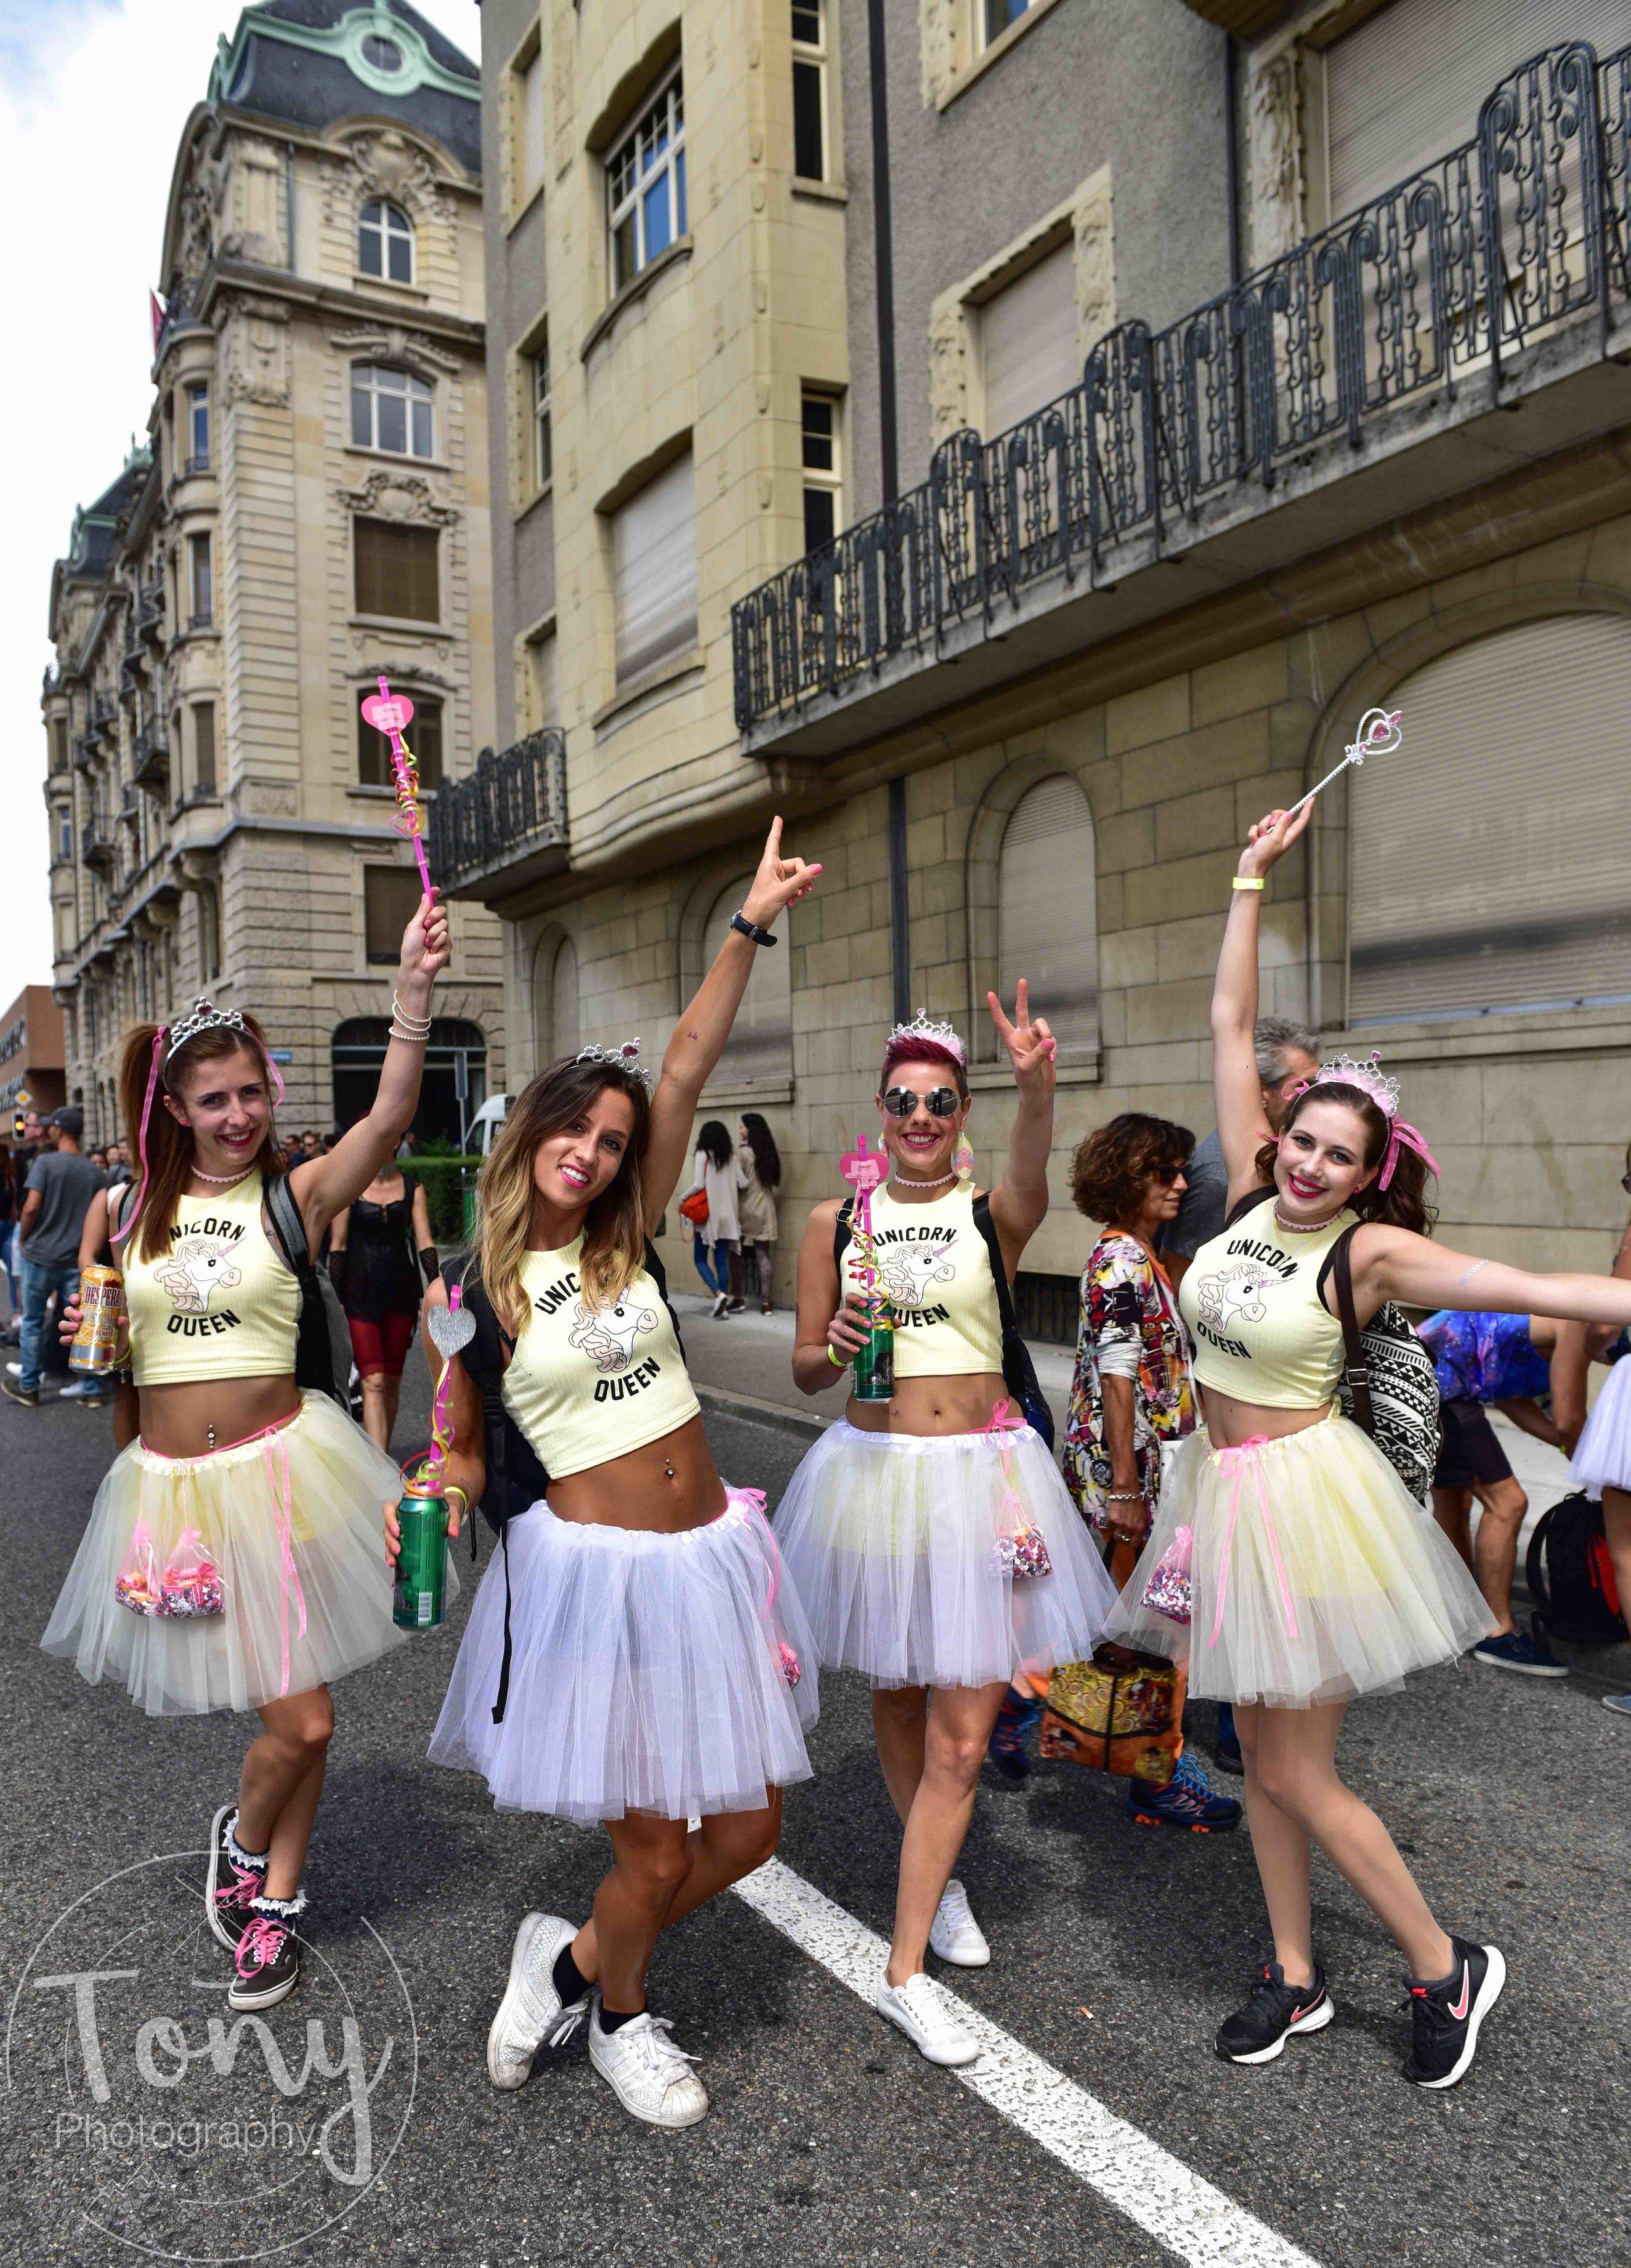 streetparade-25.jpg